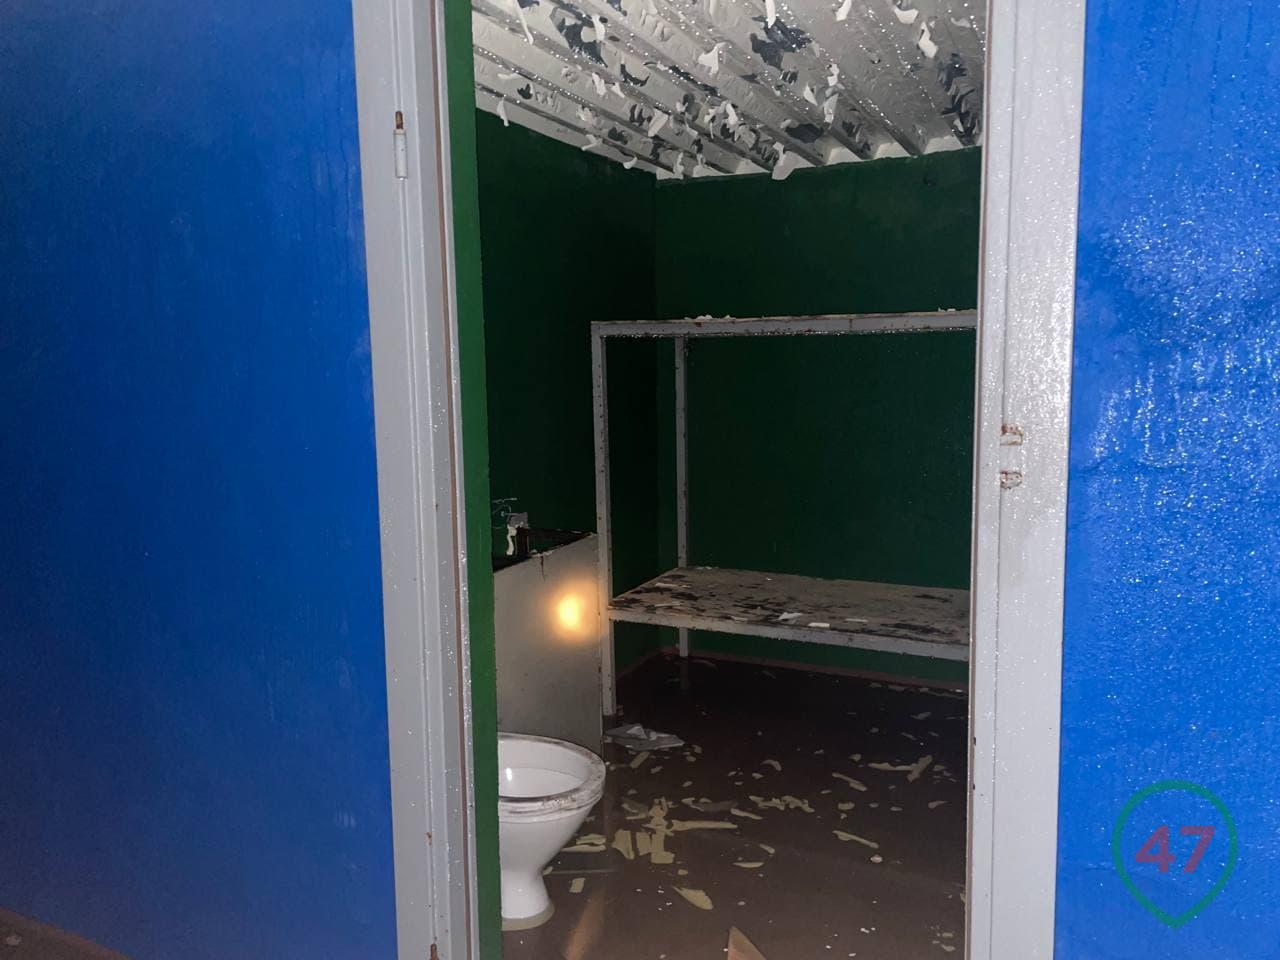 Тайная тюрьма с крематорием в России. Ее содержал бывший силовик: фото, видео